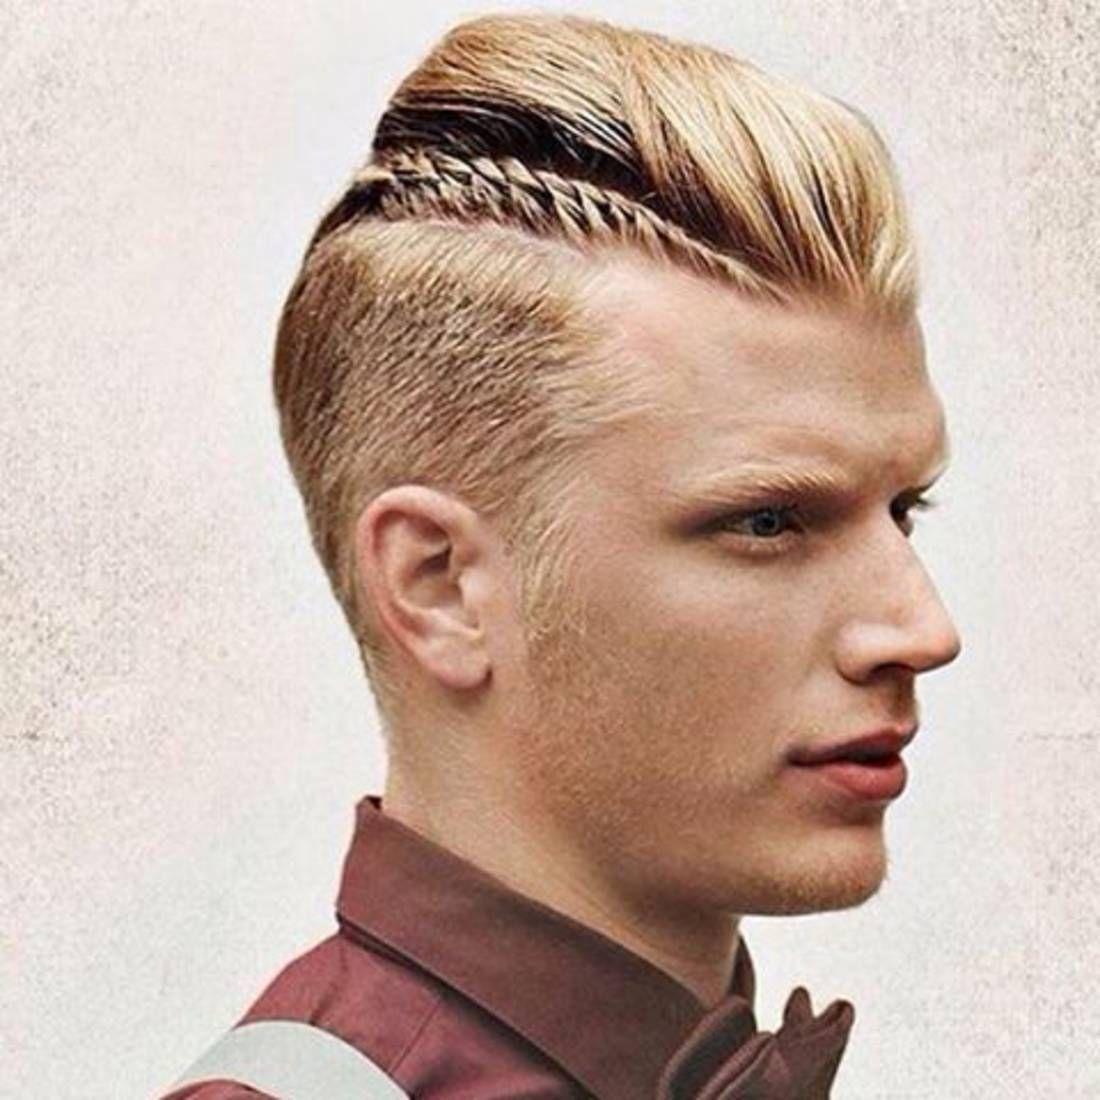 Coiffure homme les coupes de cheveux pour hommes elle style